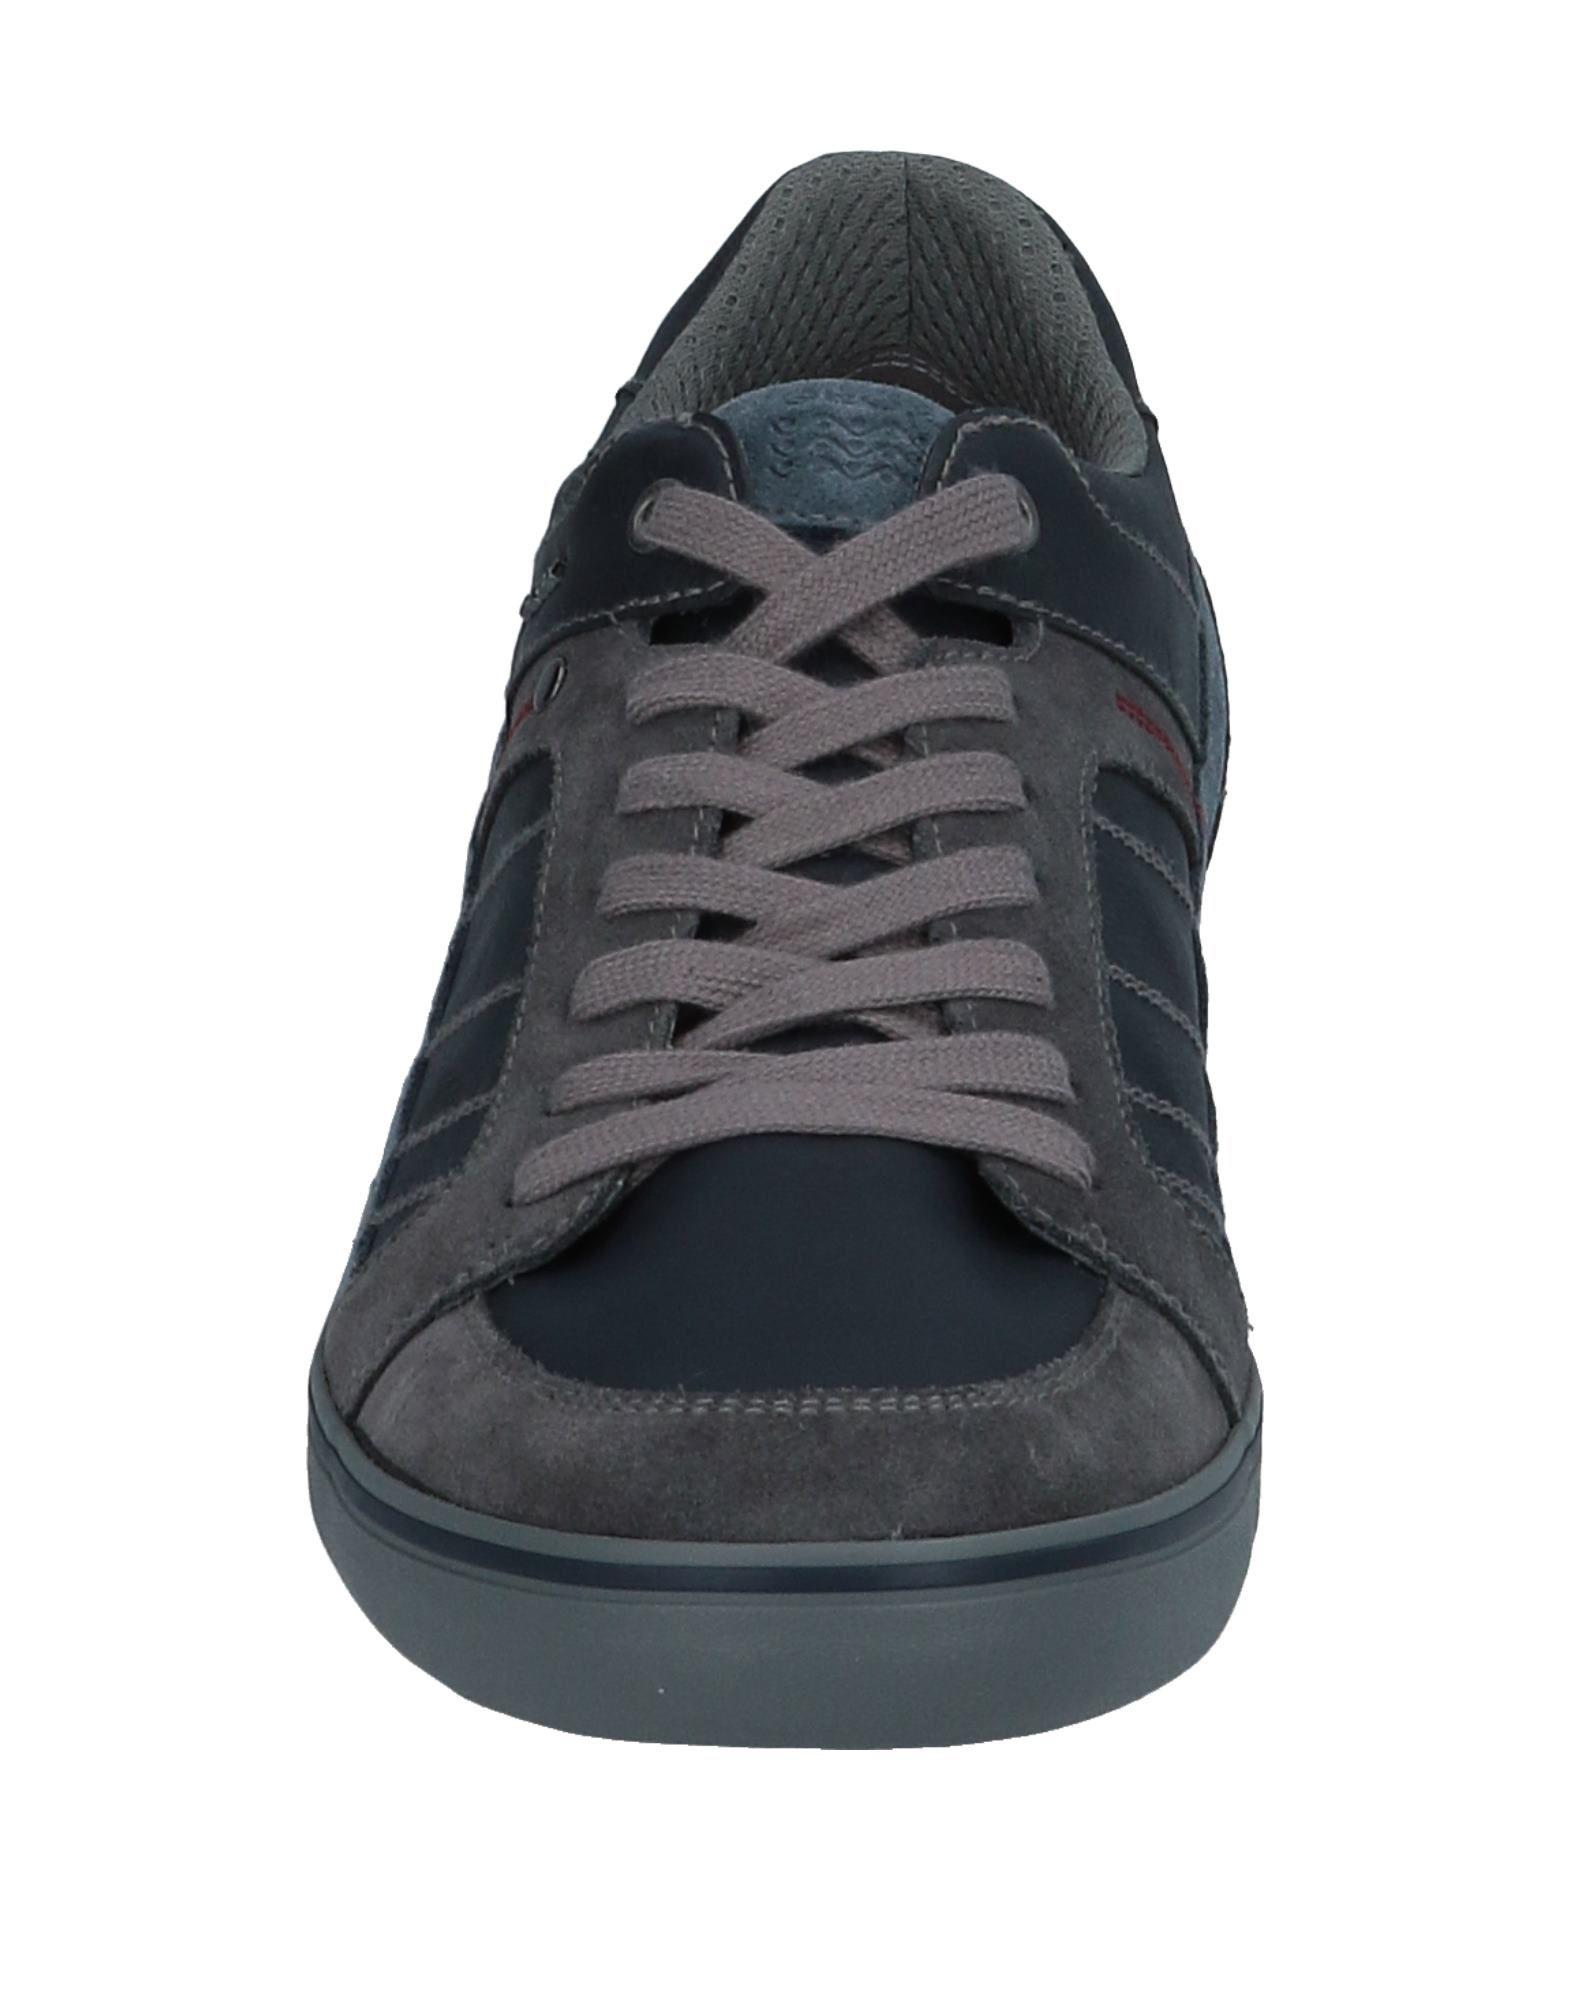 Sneakers & Deportivas Geox de Cuero de color Azul para hombre